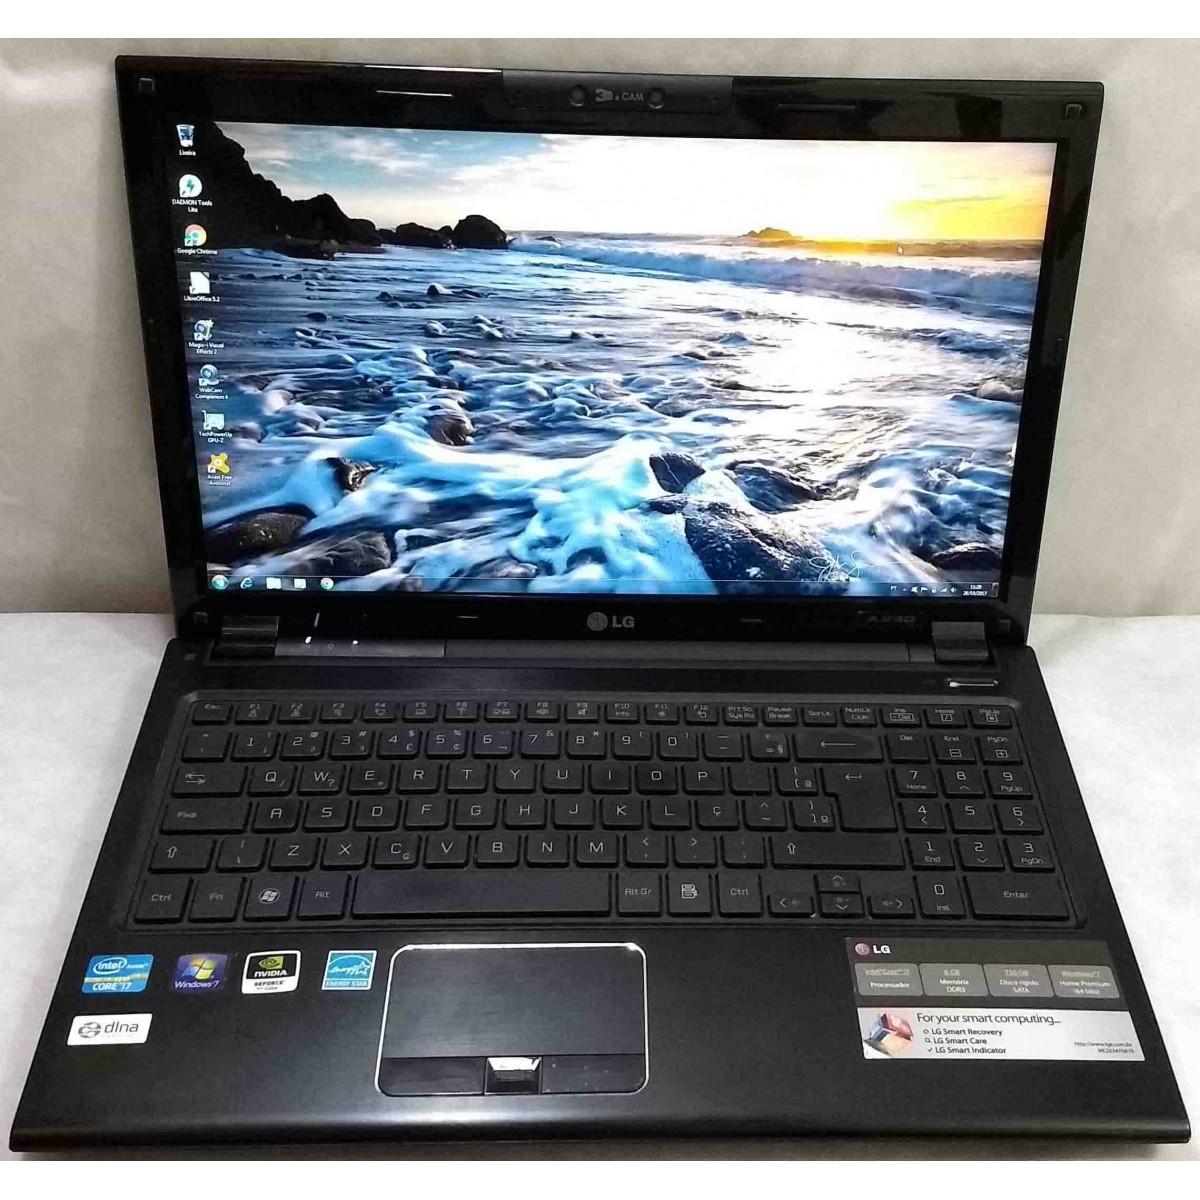 Notebook LG A530 15.6'' Core i7 2.2GHz 6GB HD-750GB 2GB-Dedicada + Alphanumérico